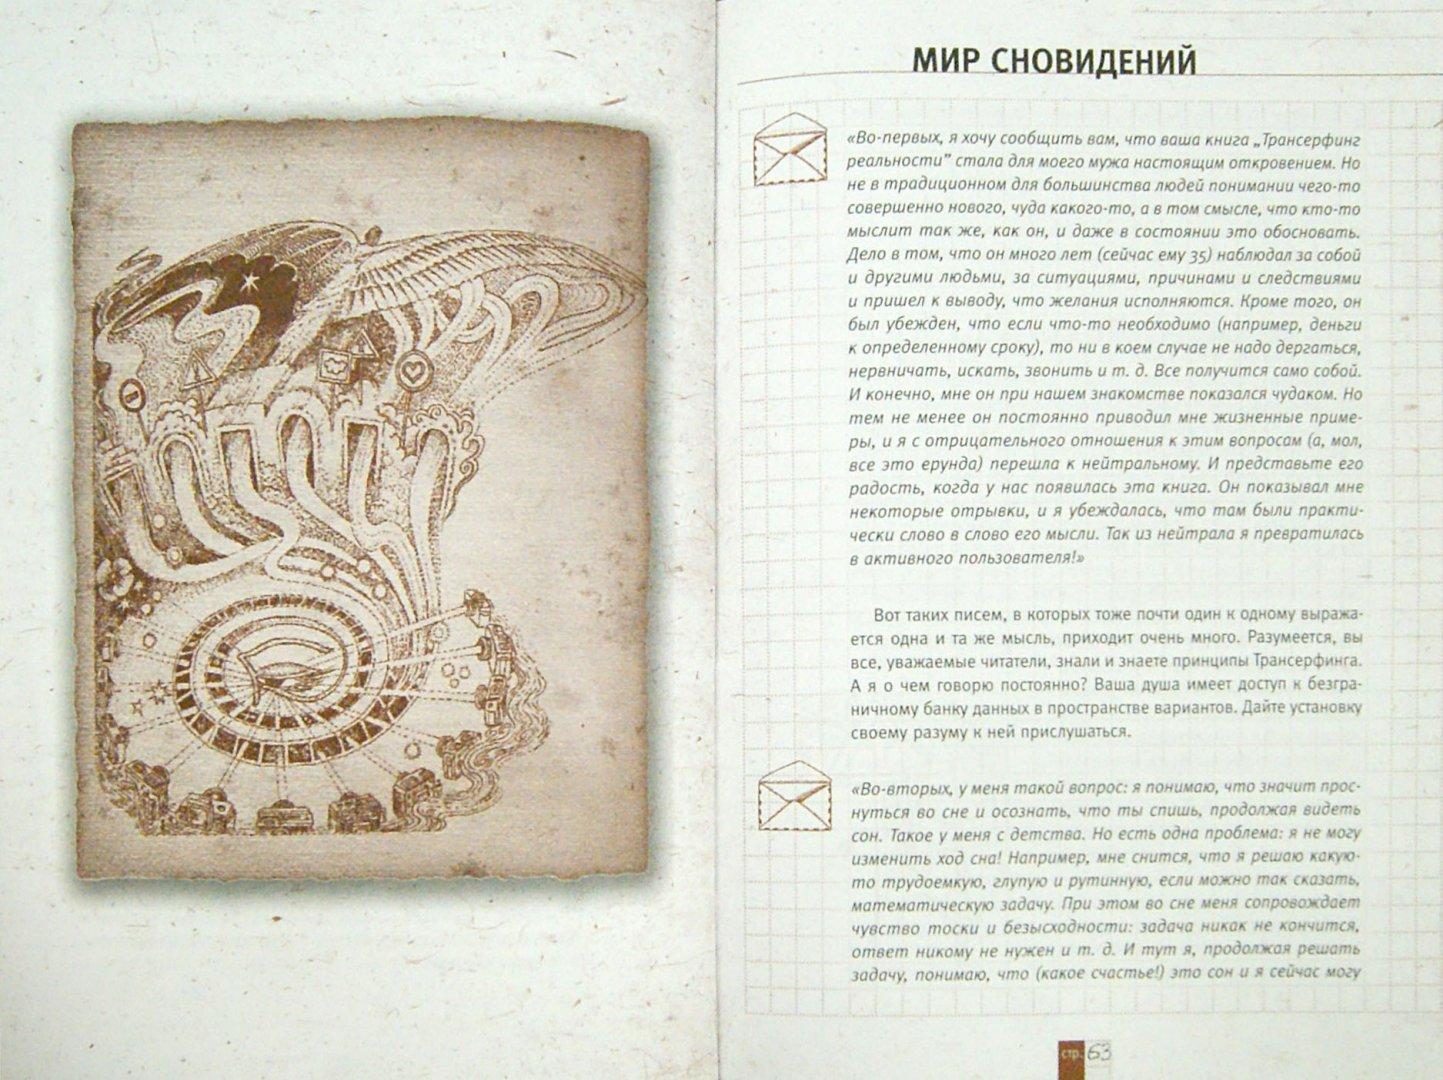 Иллюстрация 1 из 28 для Апокрифический Трансерфинг. Иллюстрированное издание - Вадим Зеланд | Лабиринт - книги. Источник: Лабиринт